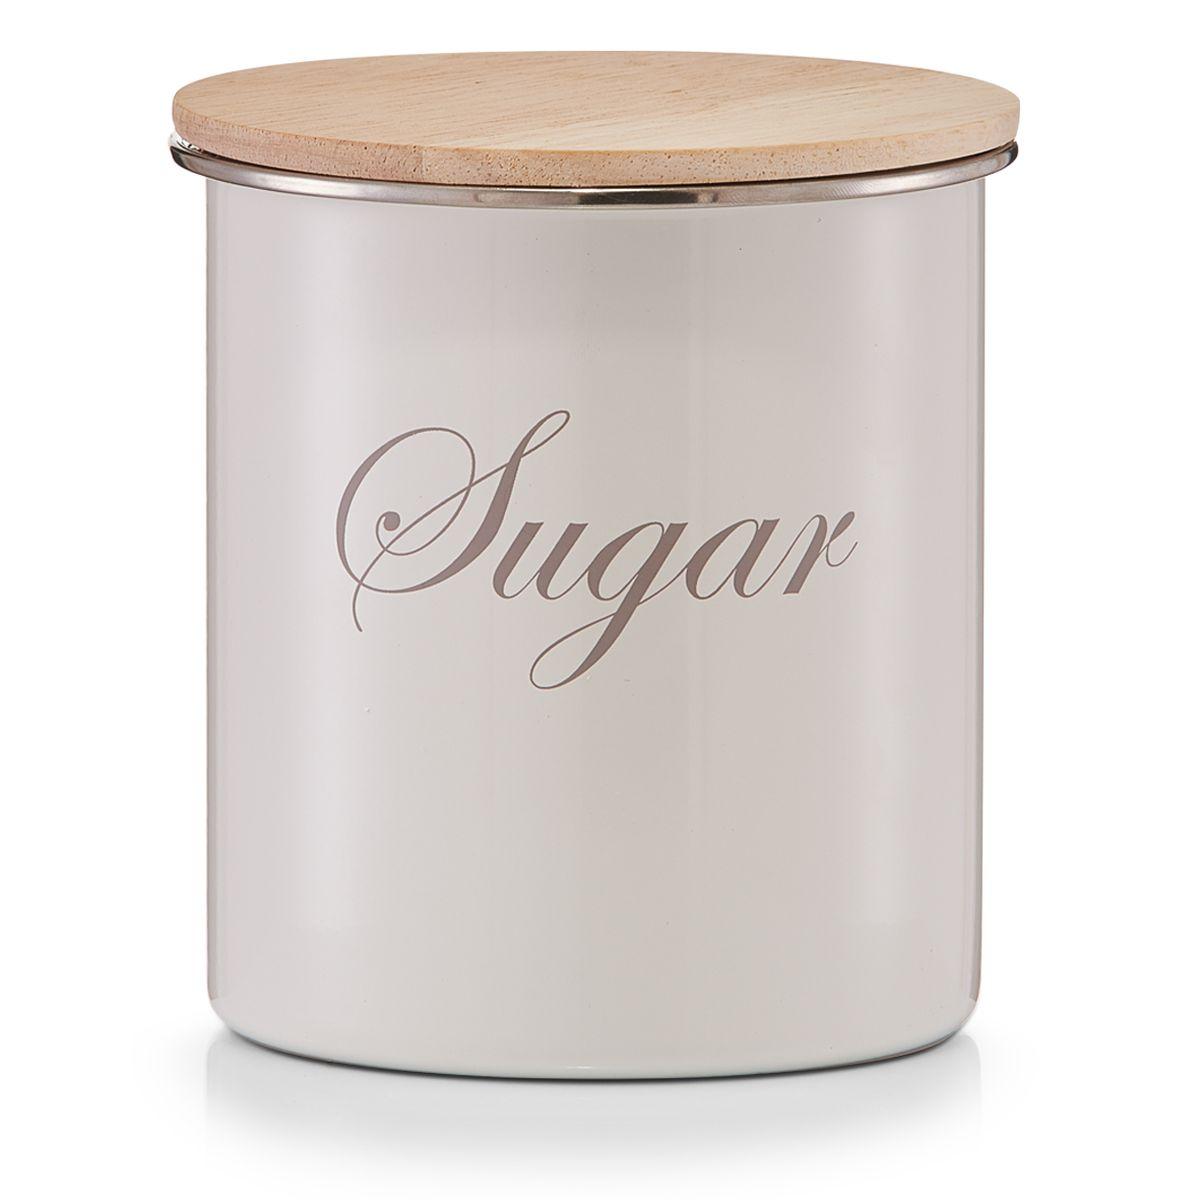 Банка для хранения Zeller Sugar, 11,2 х 11,2 х 12,5 см21395599Банка Zeller Sugar, выполненная из металла, снабжена деревянной крышкой, которая плотно и герметично закрывается, дольше сохраняя аромат и свежесть содержимого. Изделие предназначено для хранения сахара. Стильная и практичная, такая банка станет незаменимым аксессуаром на любой кухне.